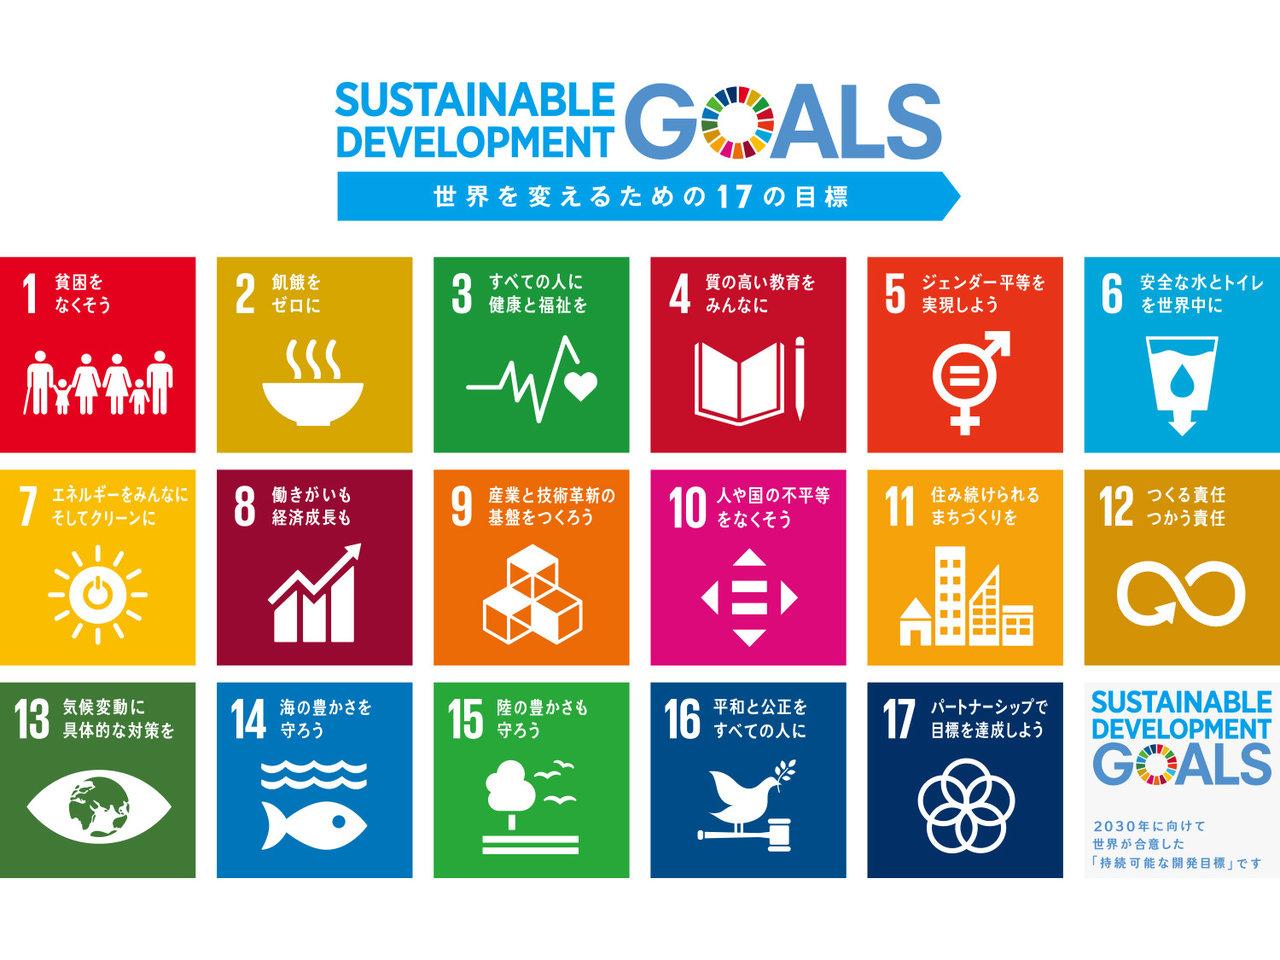 2030年に向けて世界が合意した「持続可能な開発目標」。17の目標を紹介します!